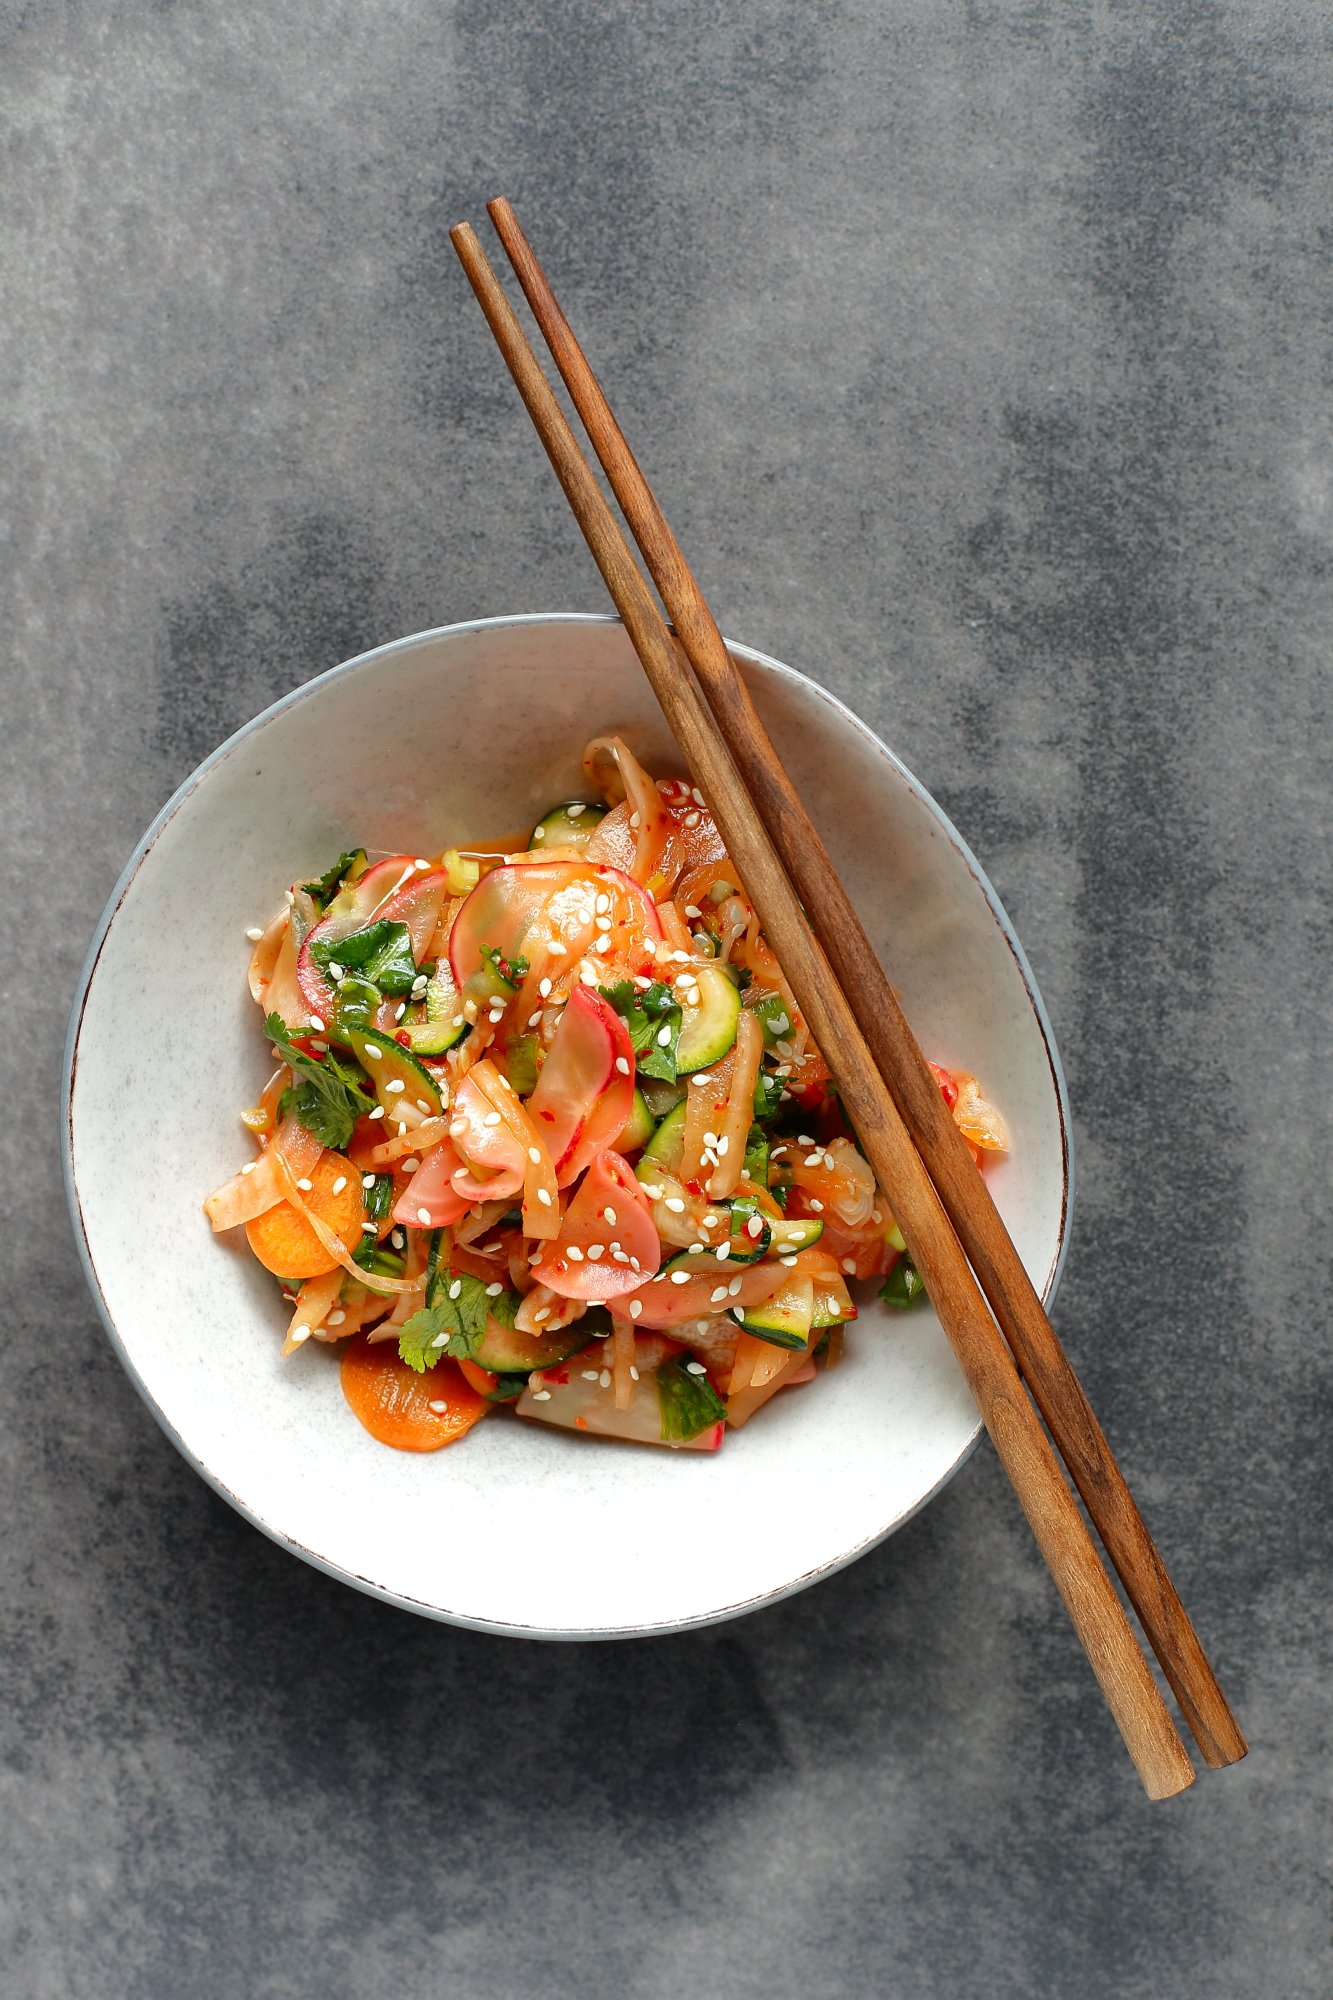 Surówka z kimchi - tak smakuje ósmy cud świata